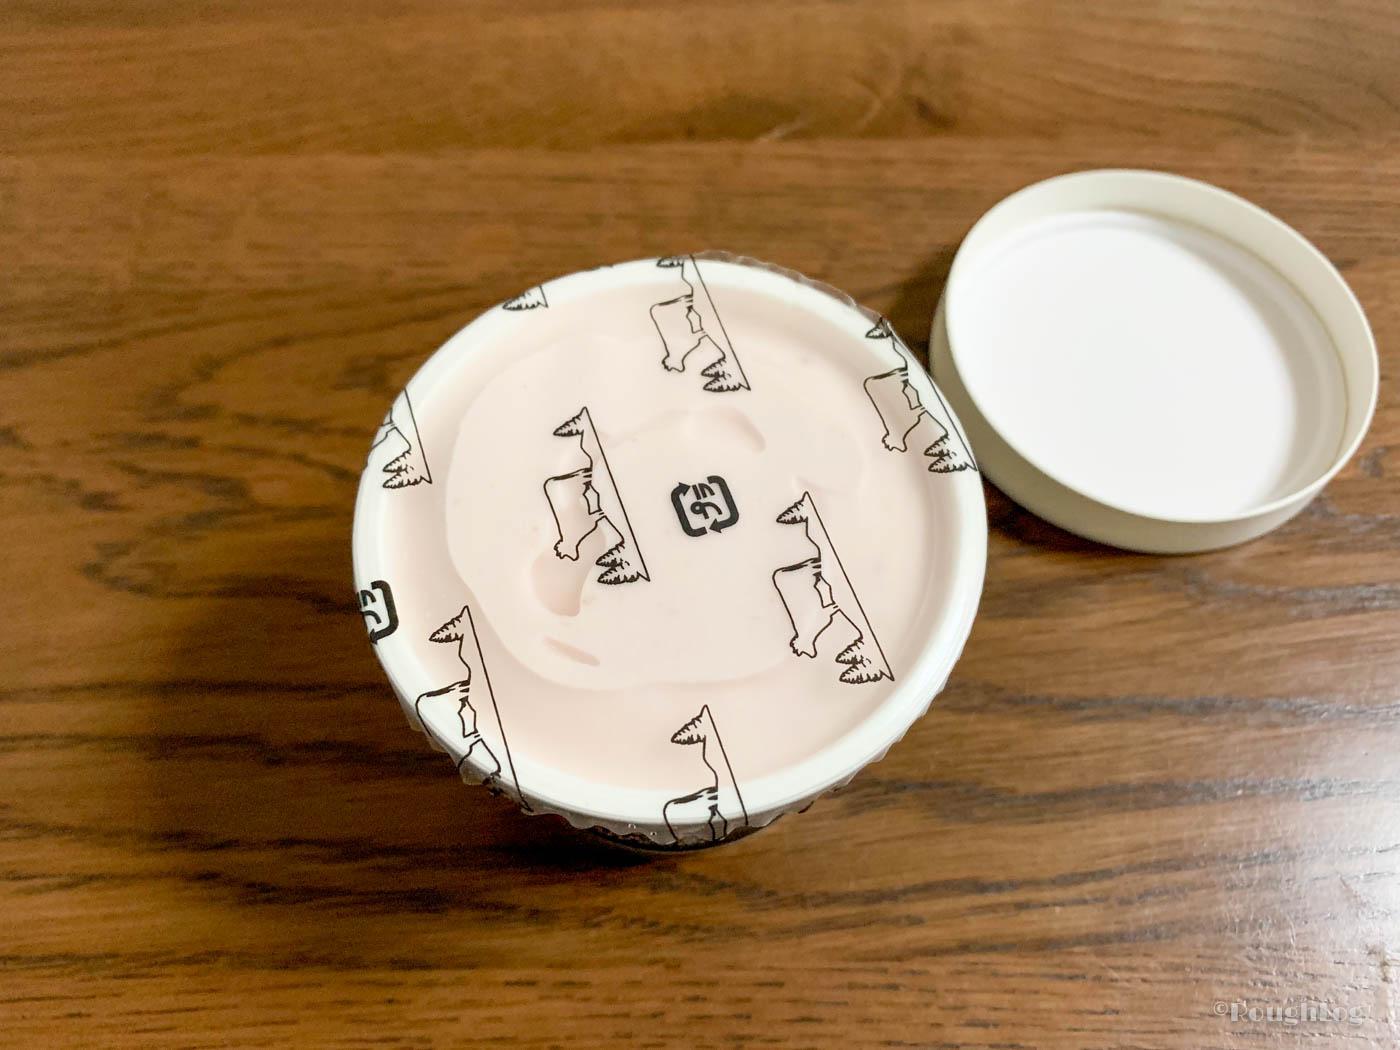 ドリームヒルのアイスクリームは丁寧に作られている